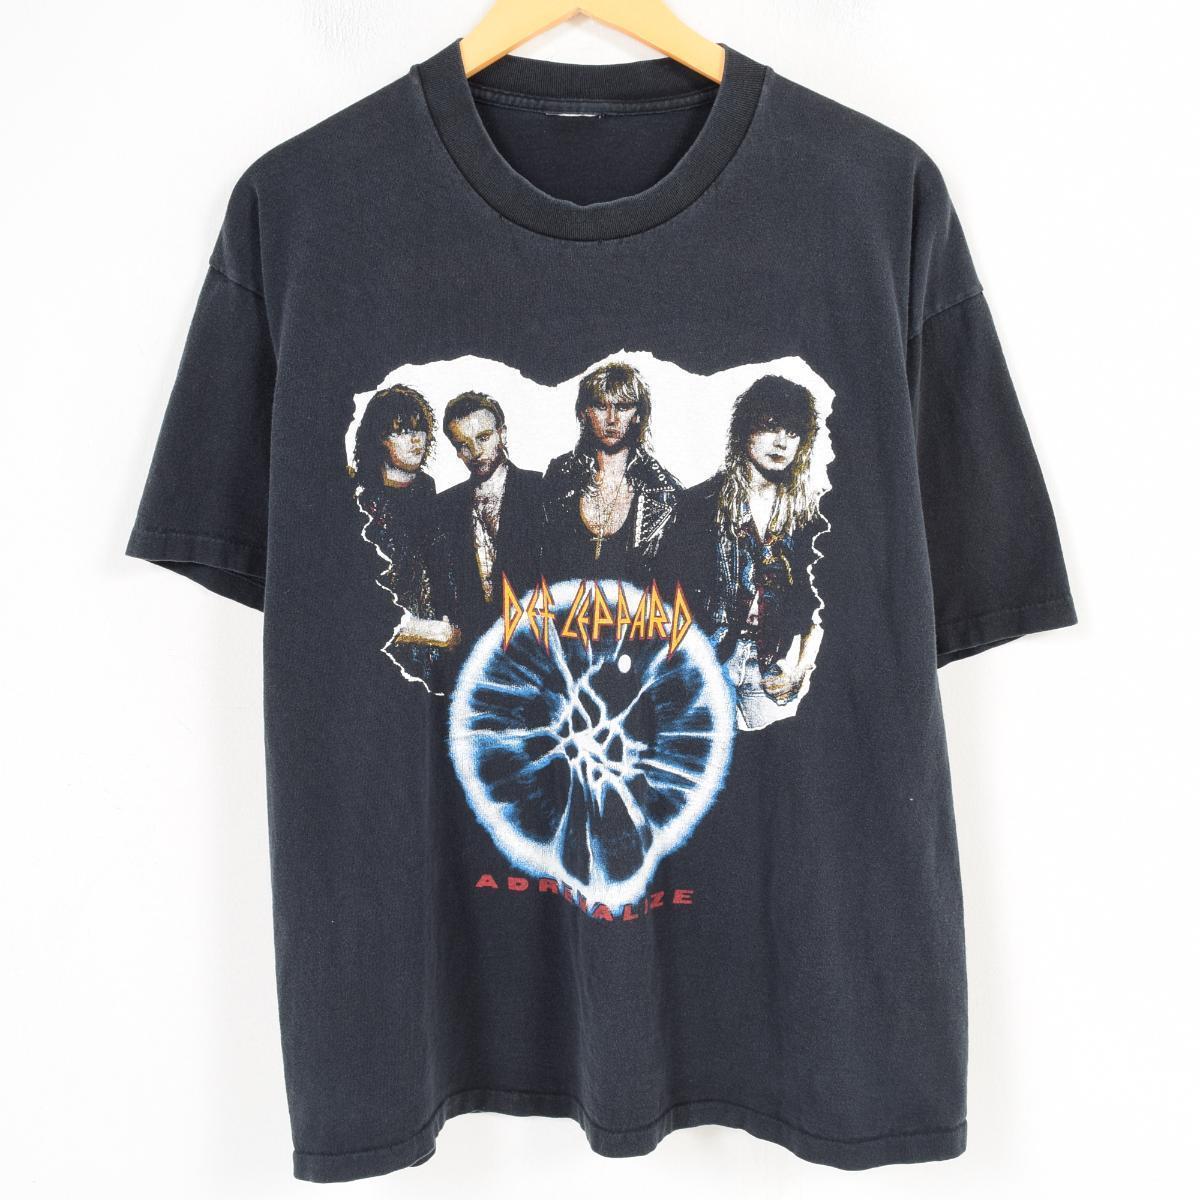 90年代~ DEF LEPPARD デフレパード ADRENALIZE バンドTシャツ メンズXL /wao9165 【中古】 【180407】